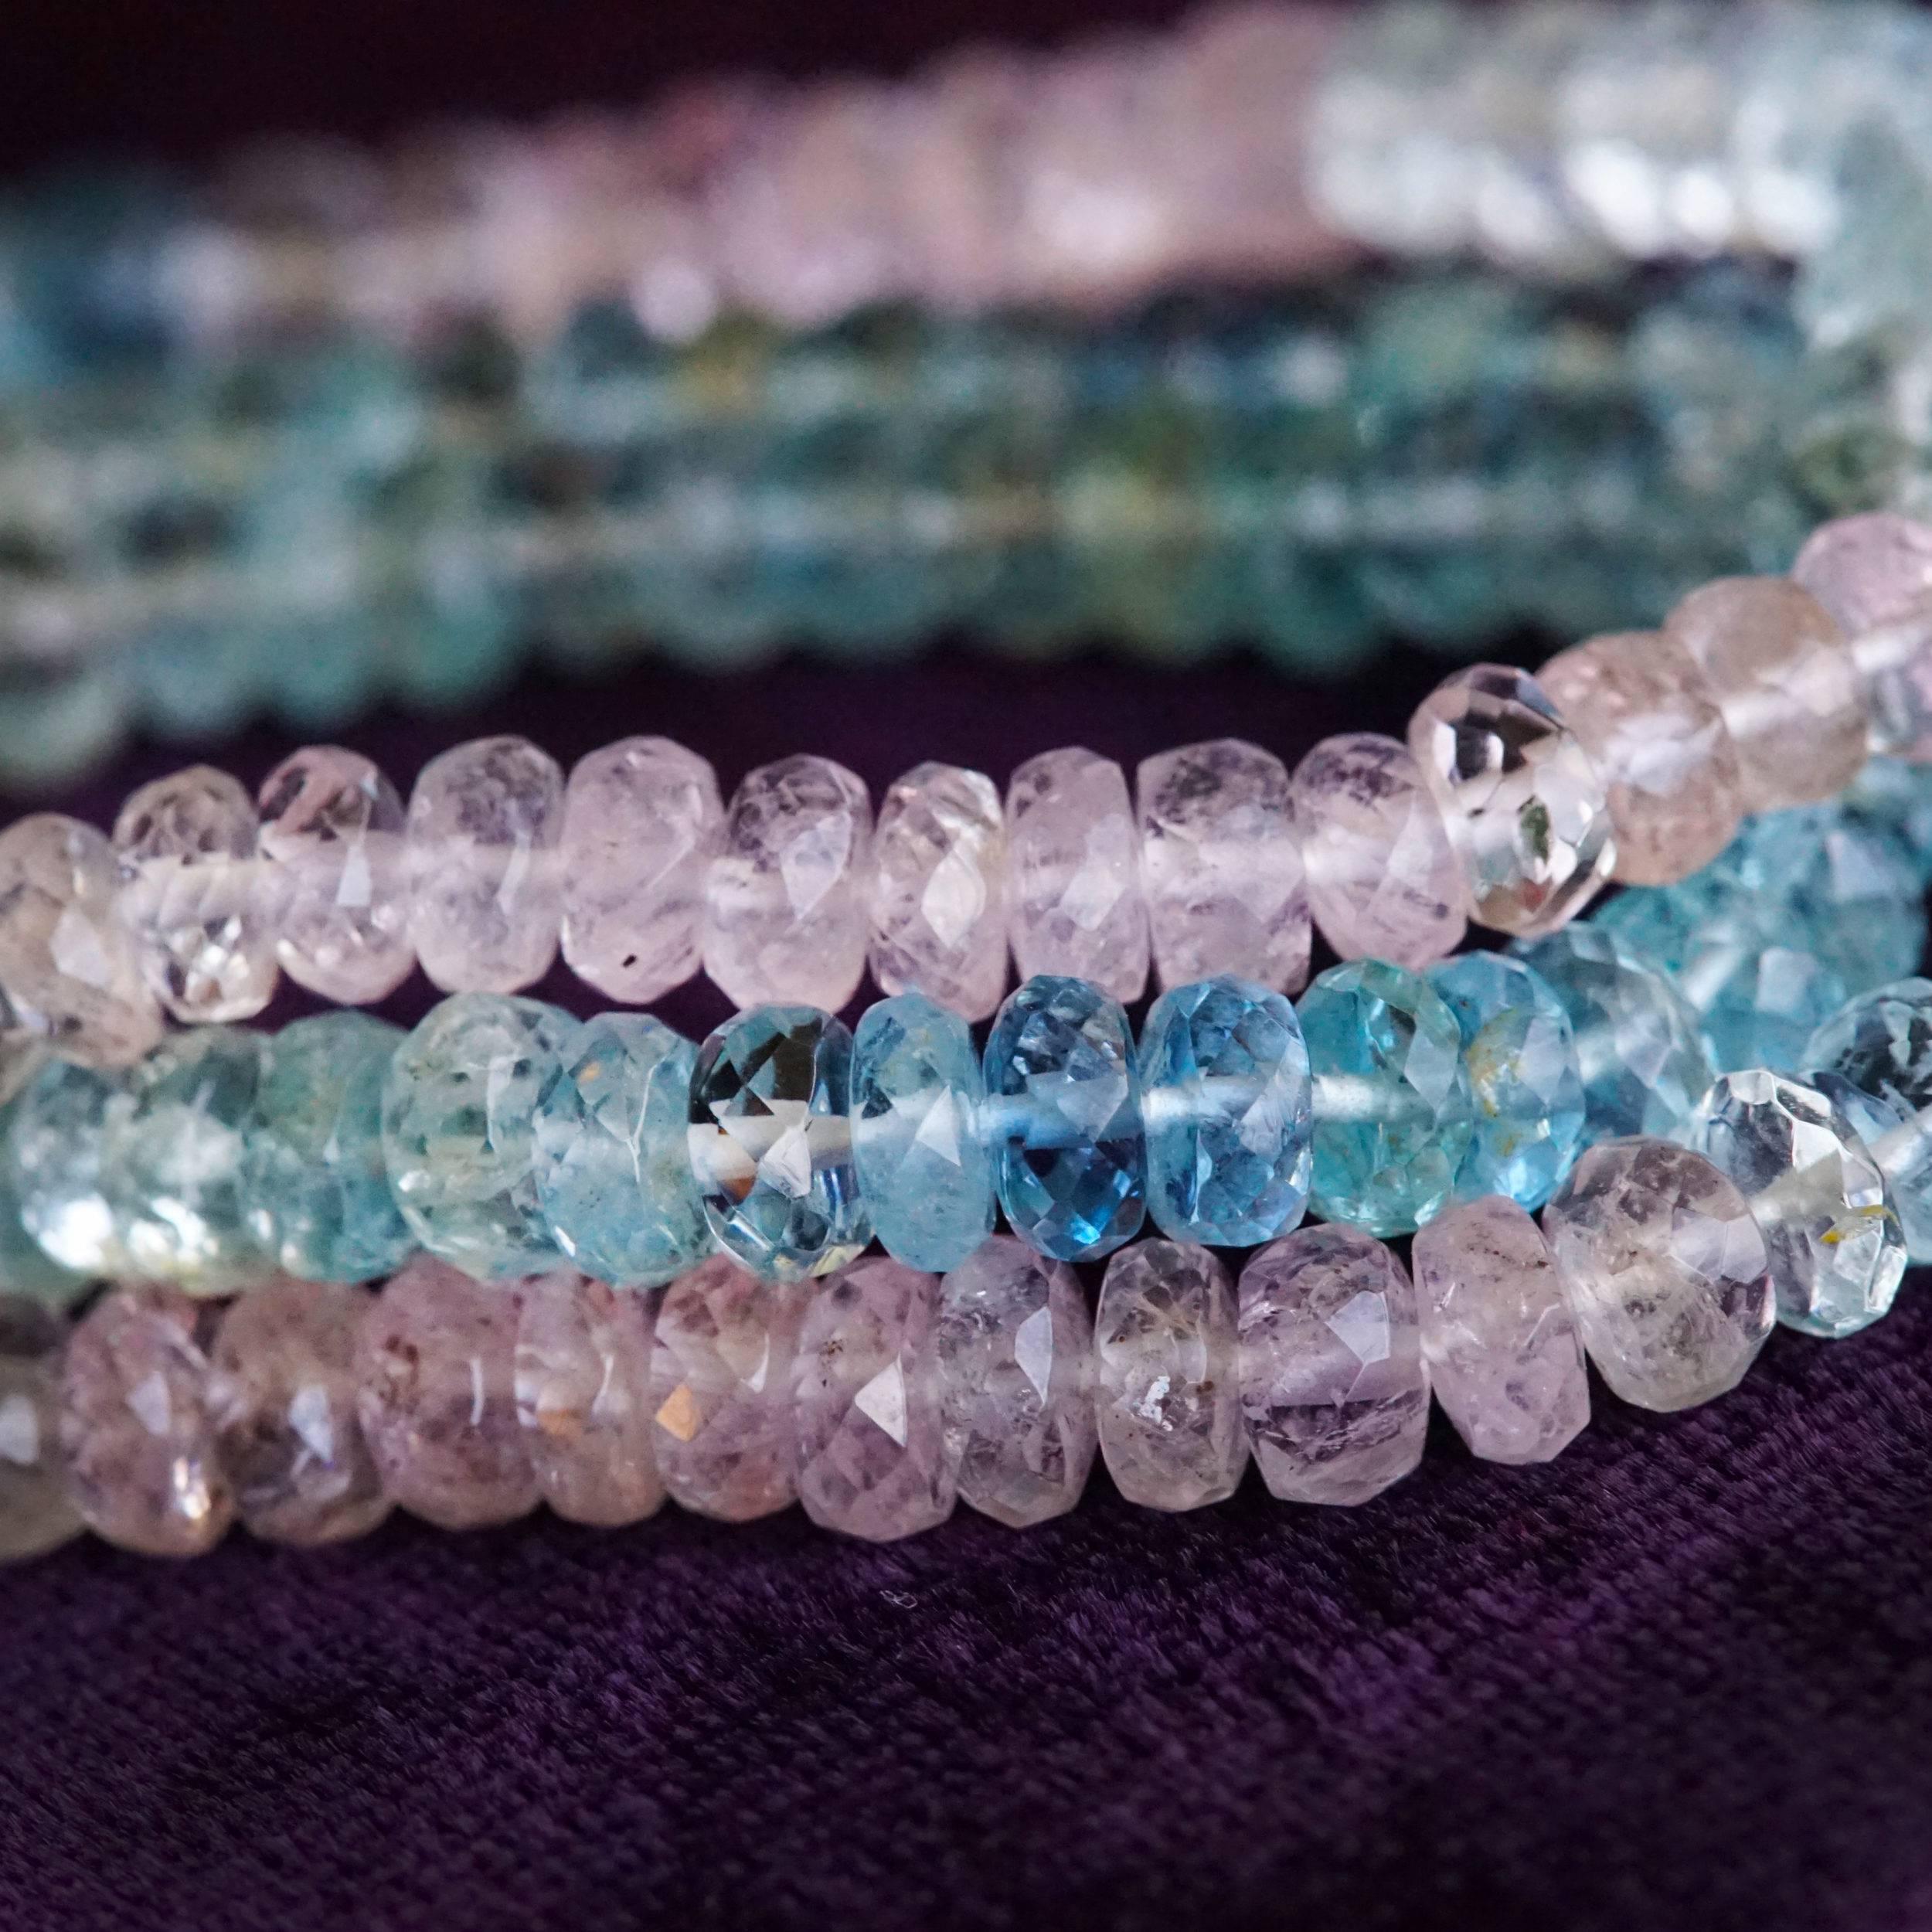 aquamarine morganite necklaces